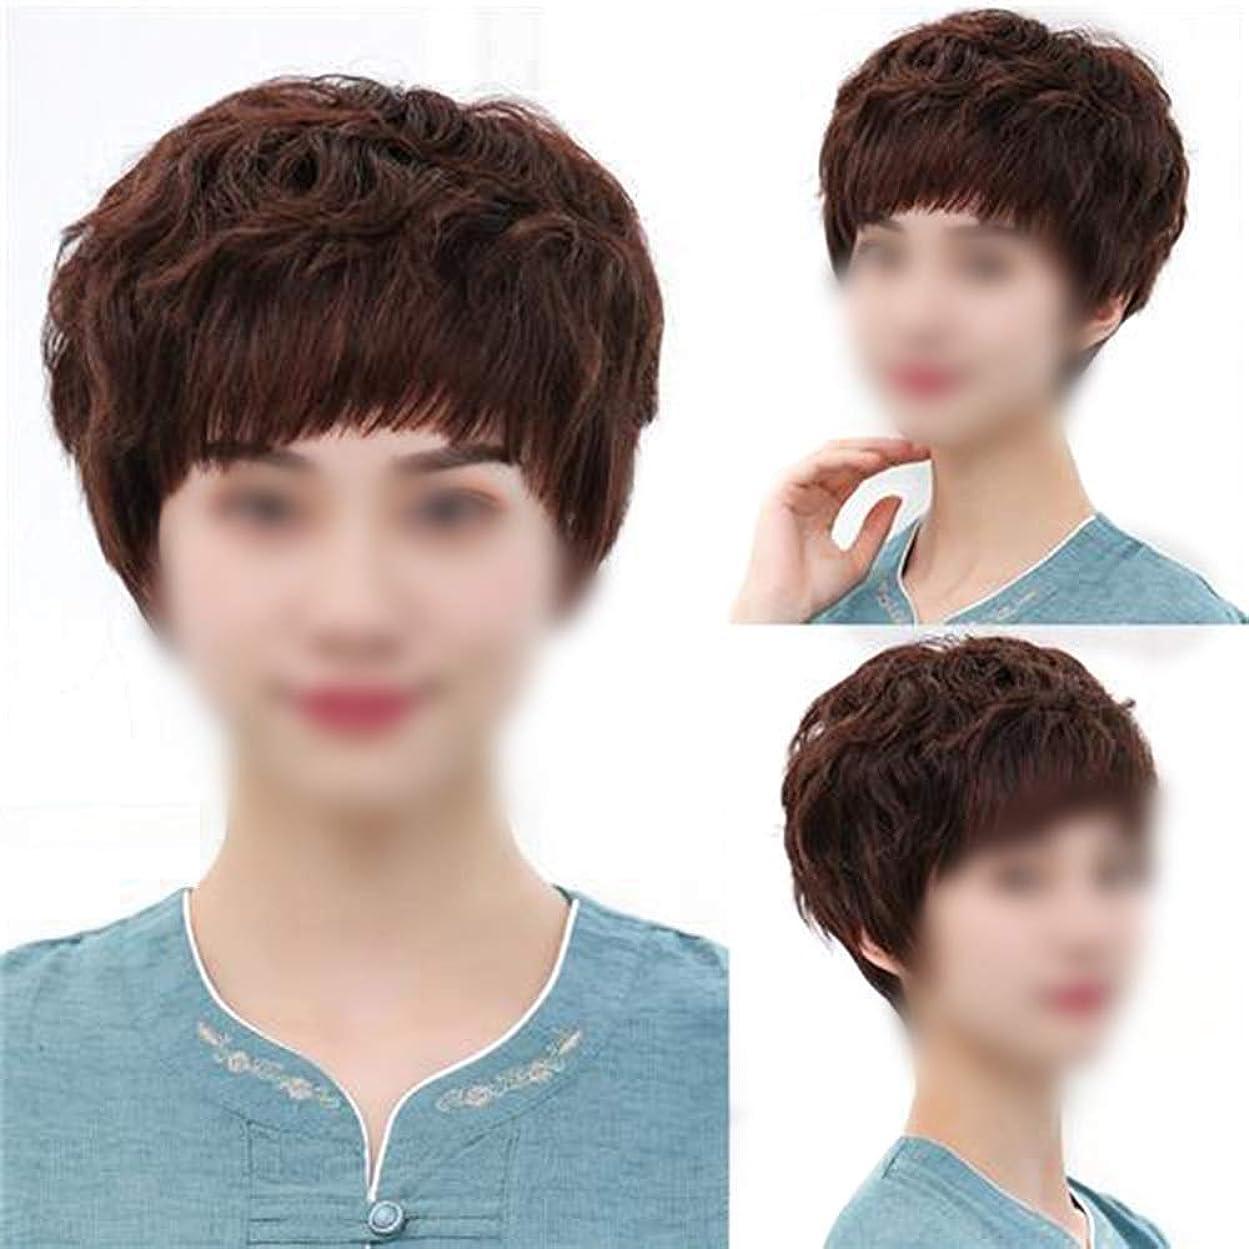 ゆでる国歌マナーYrattary 女性の本物の毛髪の完全な手編み細いかつらでショートカーリーヘアー日常的なロールプレイングかつらキャップ (色 : Dark brown)